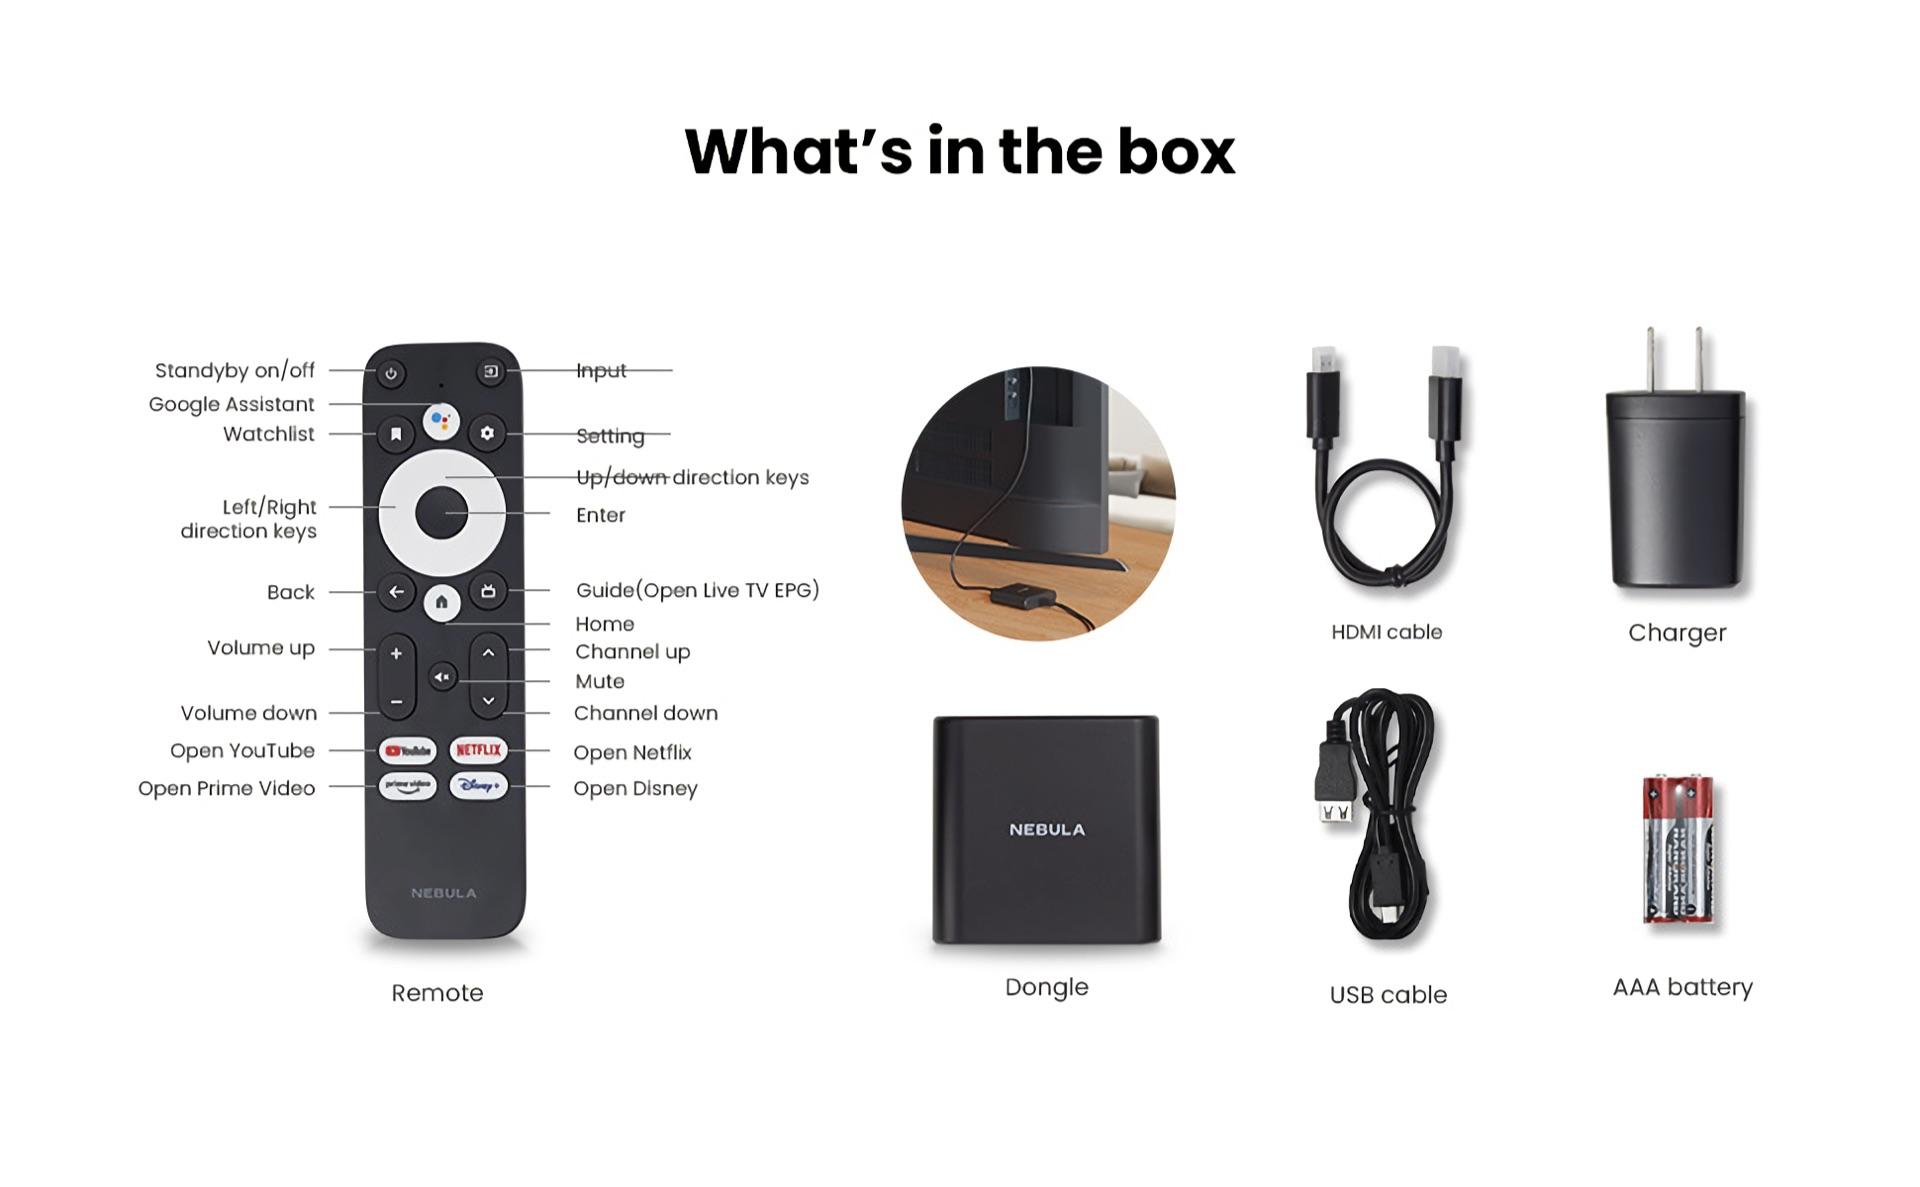 NEBULA 4K Streaming Dongle box